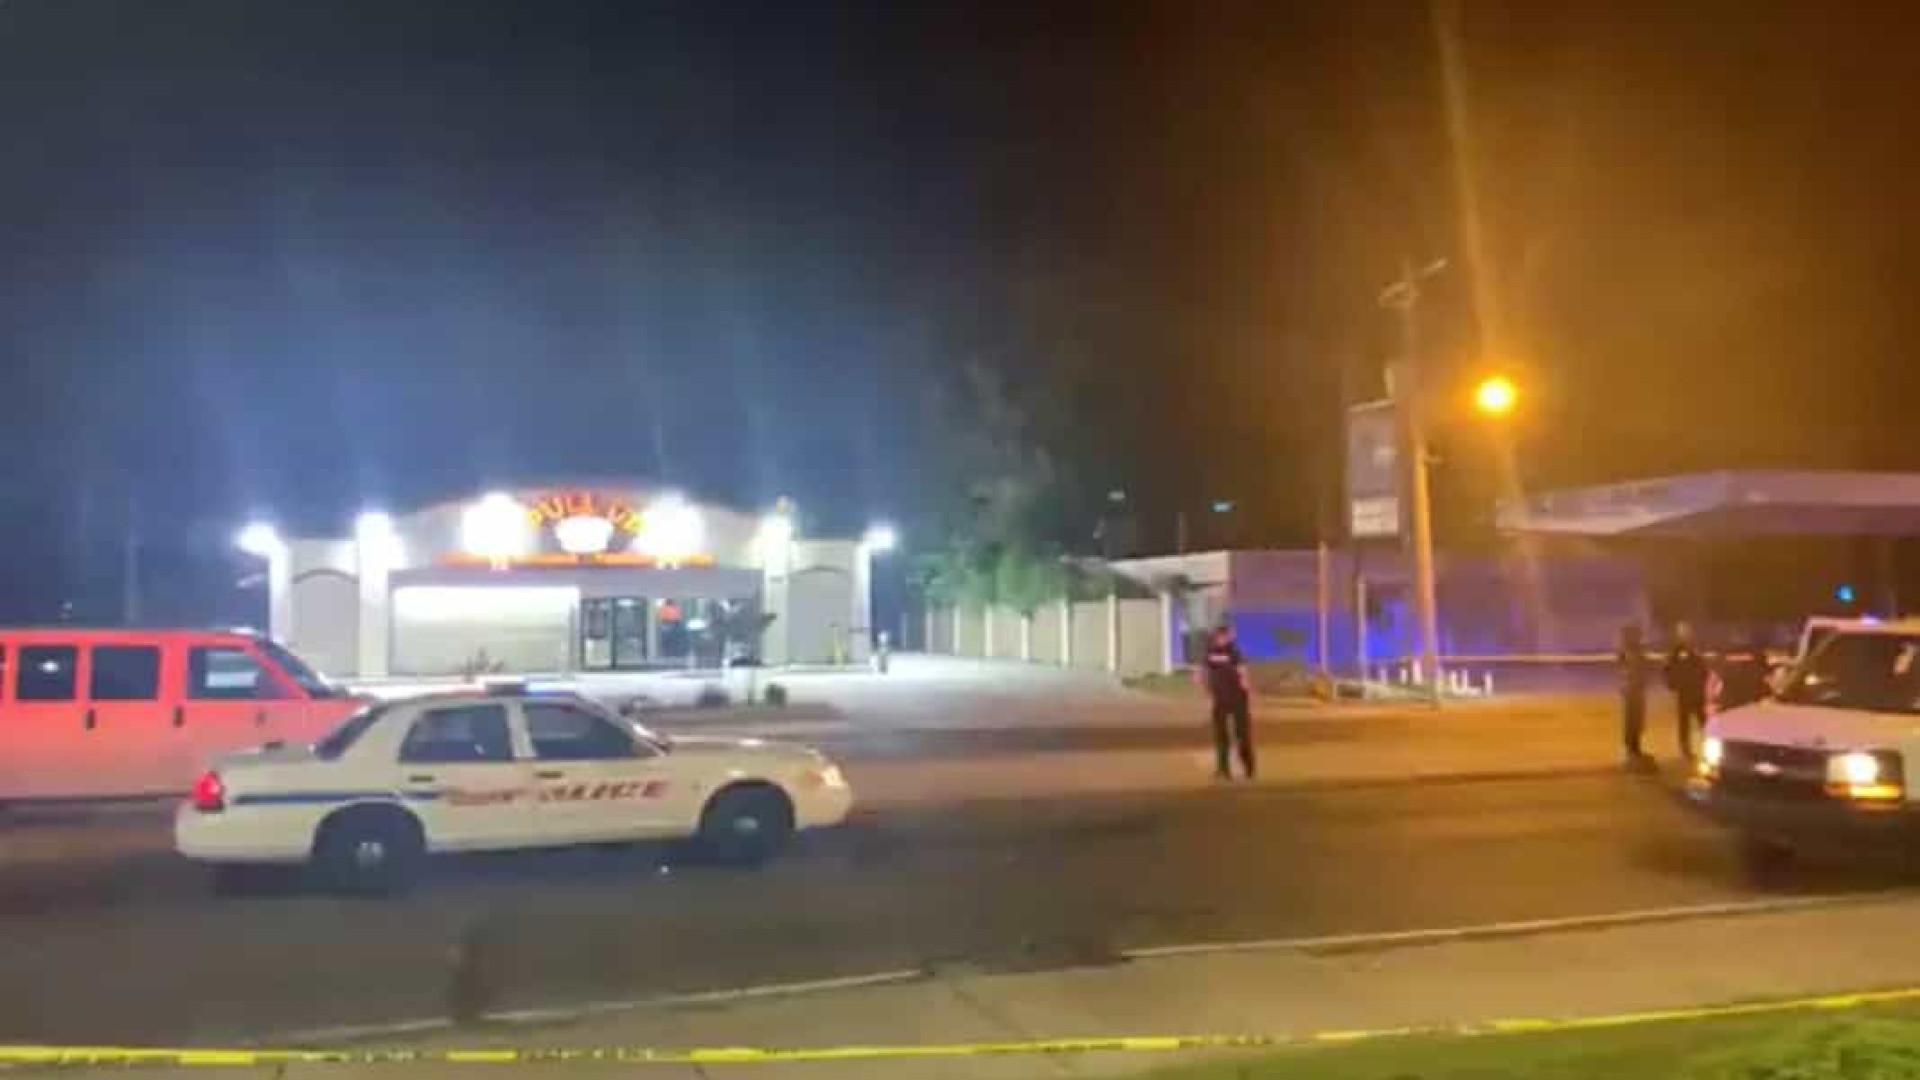 Cinco pessoas estão em estado crítico após tiroteio em Lousiana, nos EUA